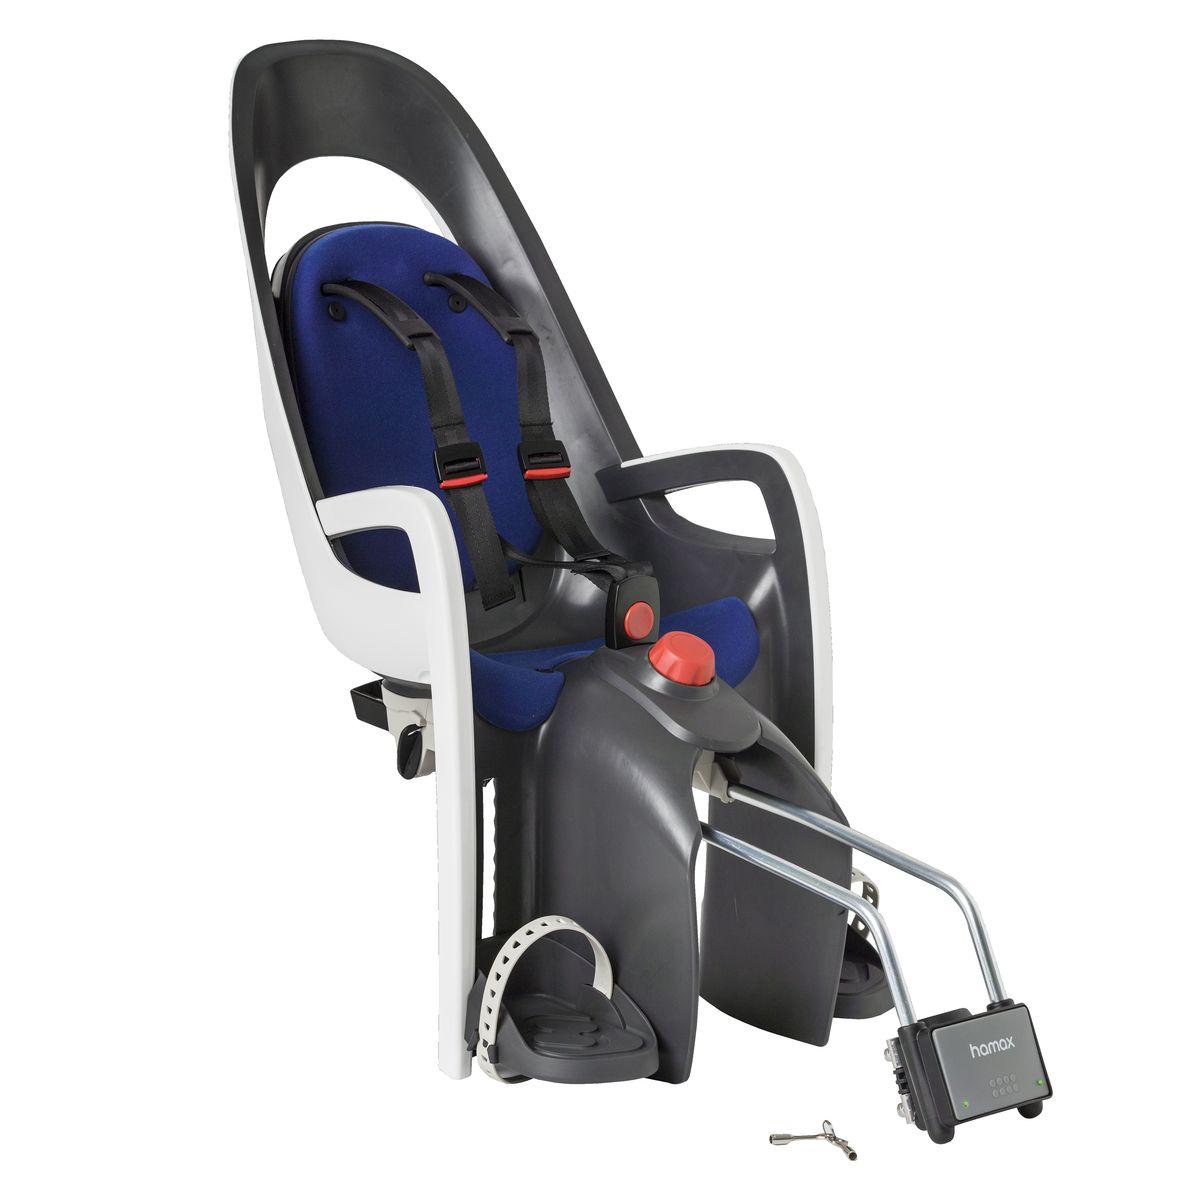 Детское кресло Hamax Caress W/Lockable Bracket, цвет: серый, белый, синий8015500001Кресло для перевозки детей